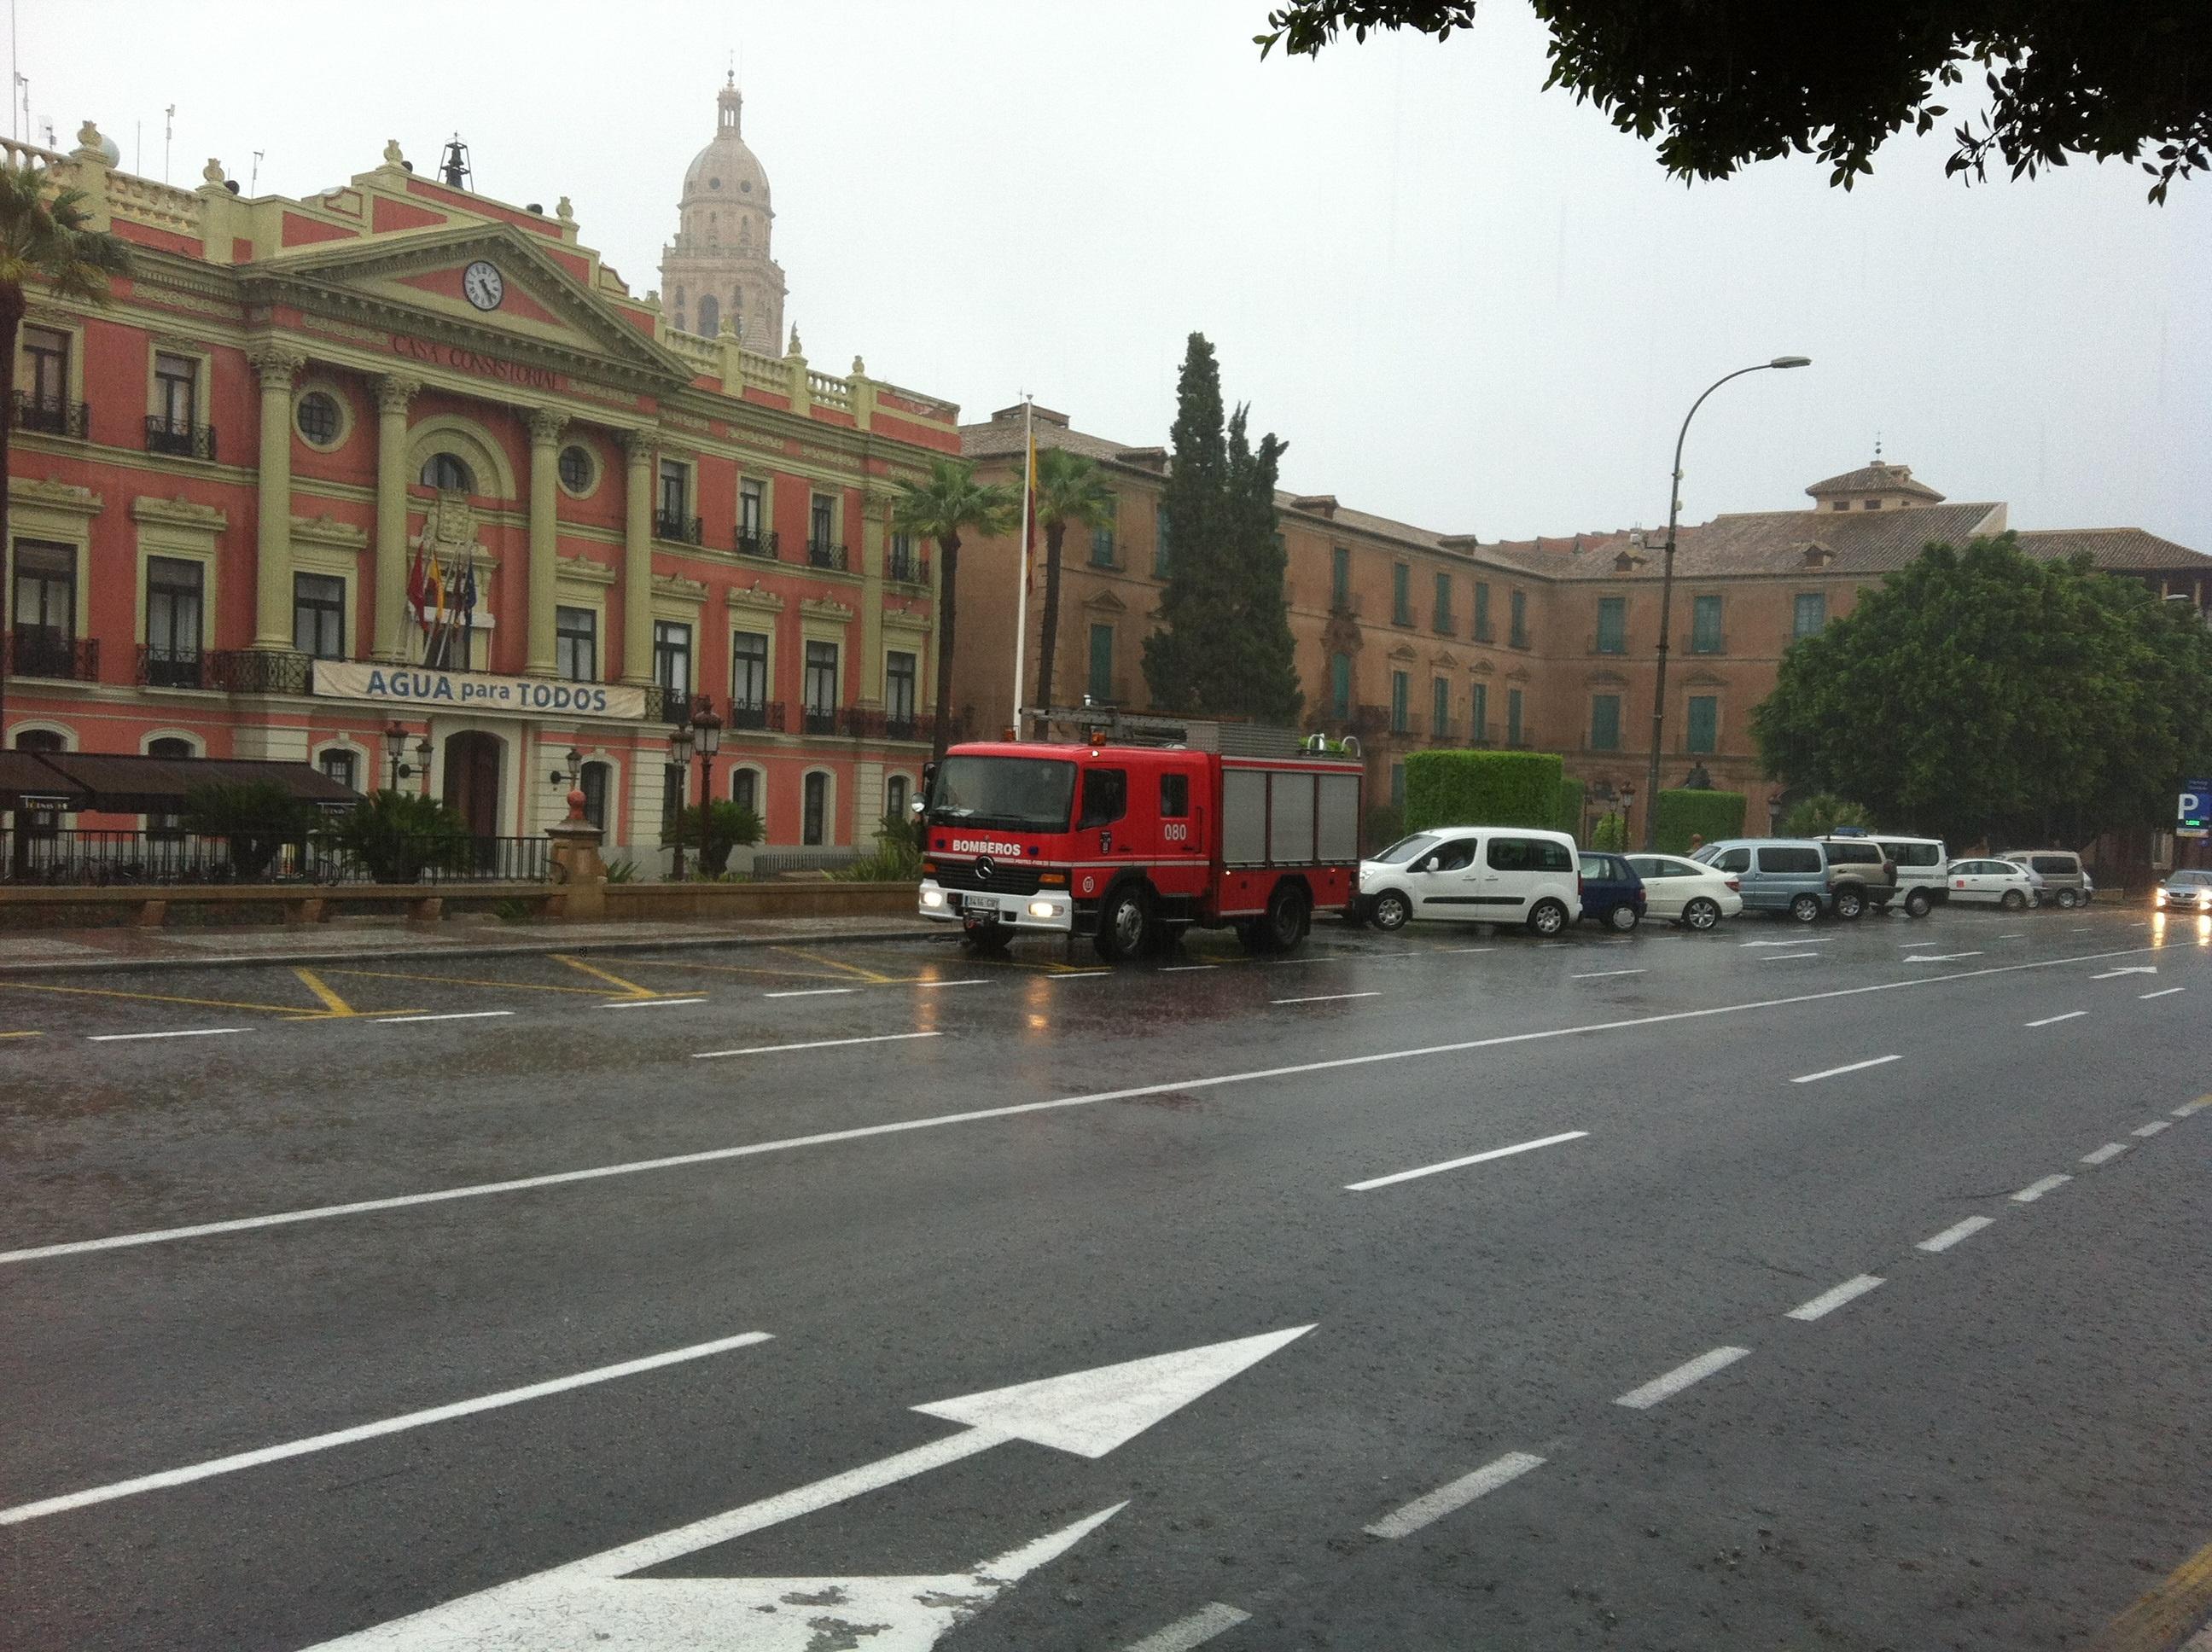 Ayuntamiento Murcia prepara todos los servicios de emergencia para intervenir en caso de fuertes lluvias